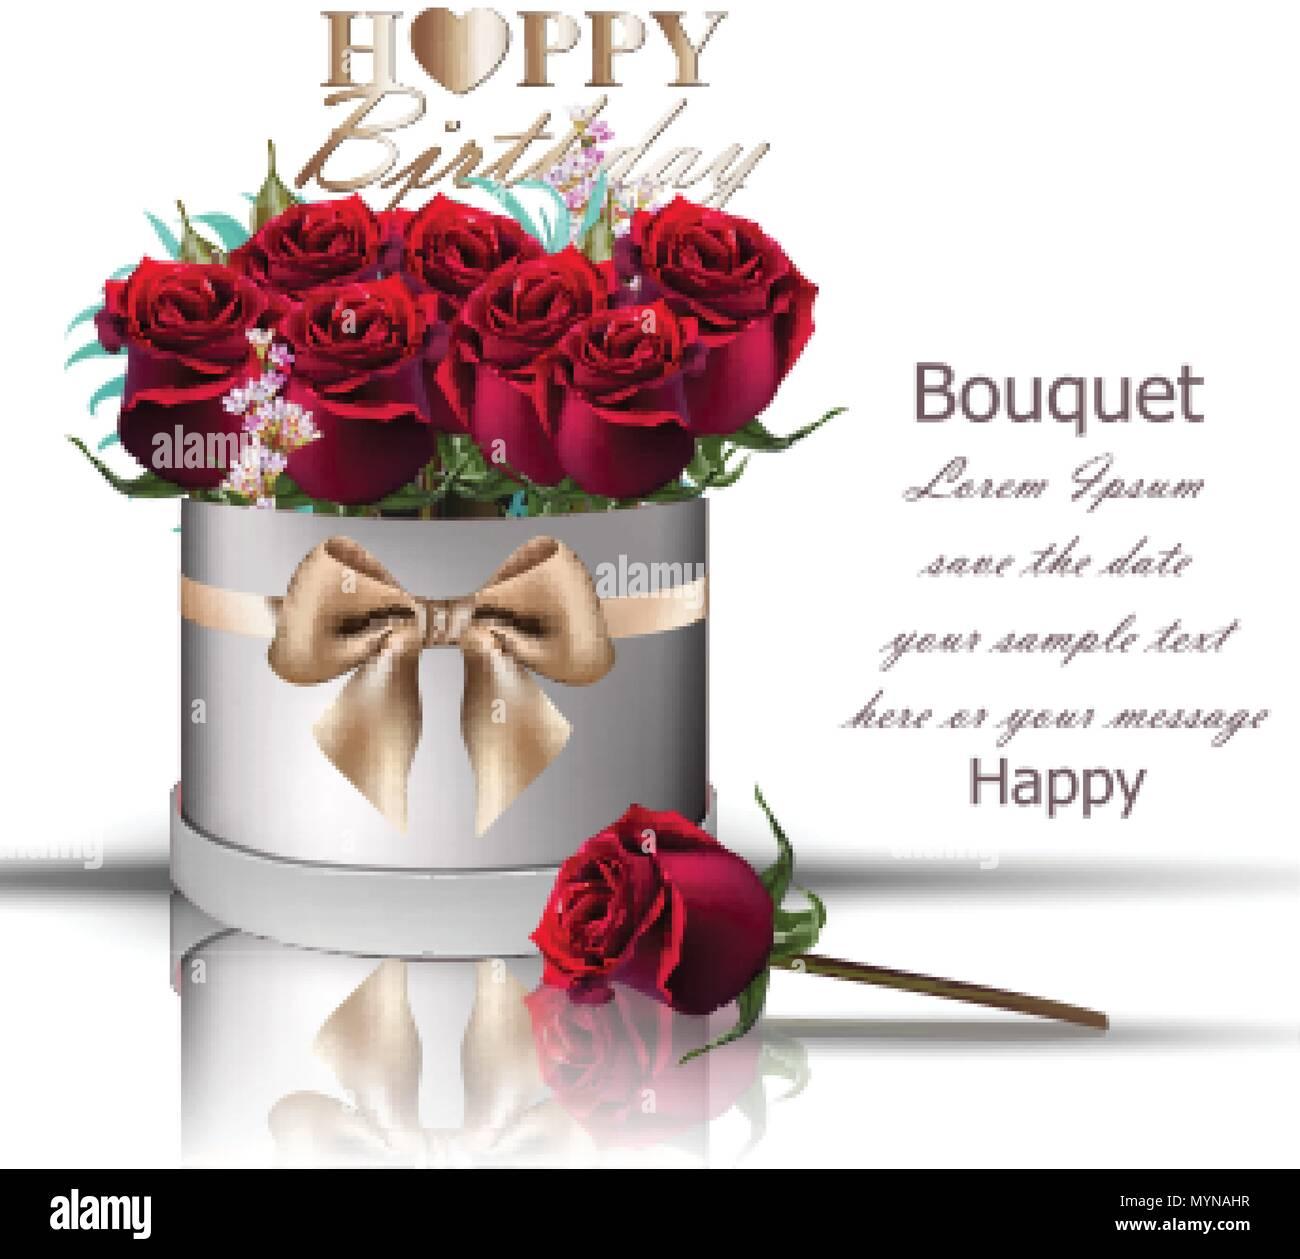 Carte Anniversaire Bouquet De Roses.Joyeux Anniversaire Bouquet Roses Rouges Vecteur Boite